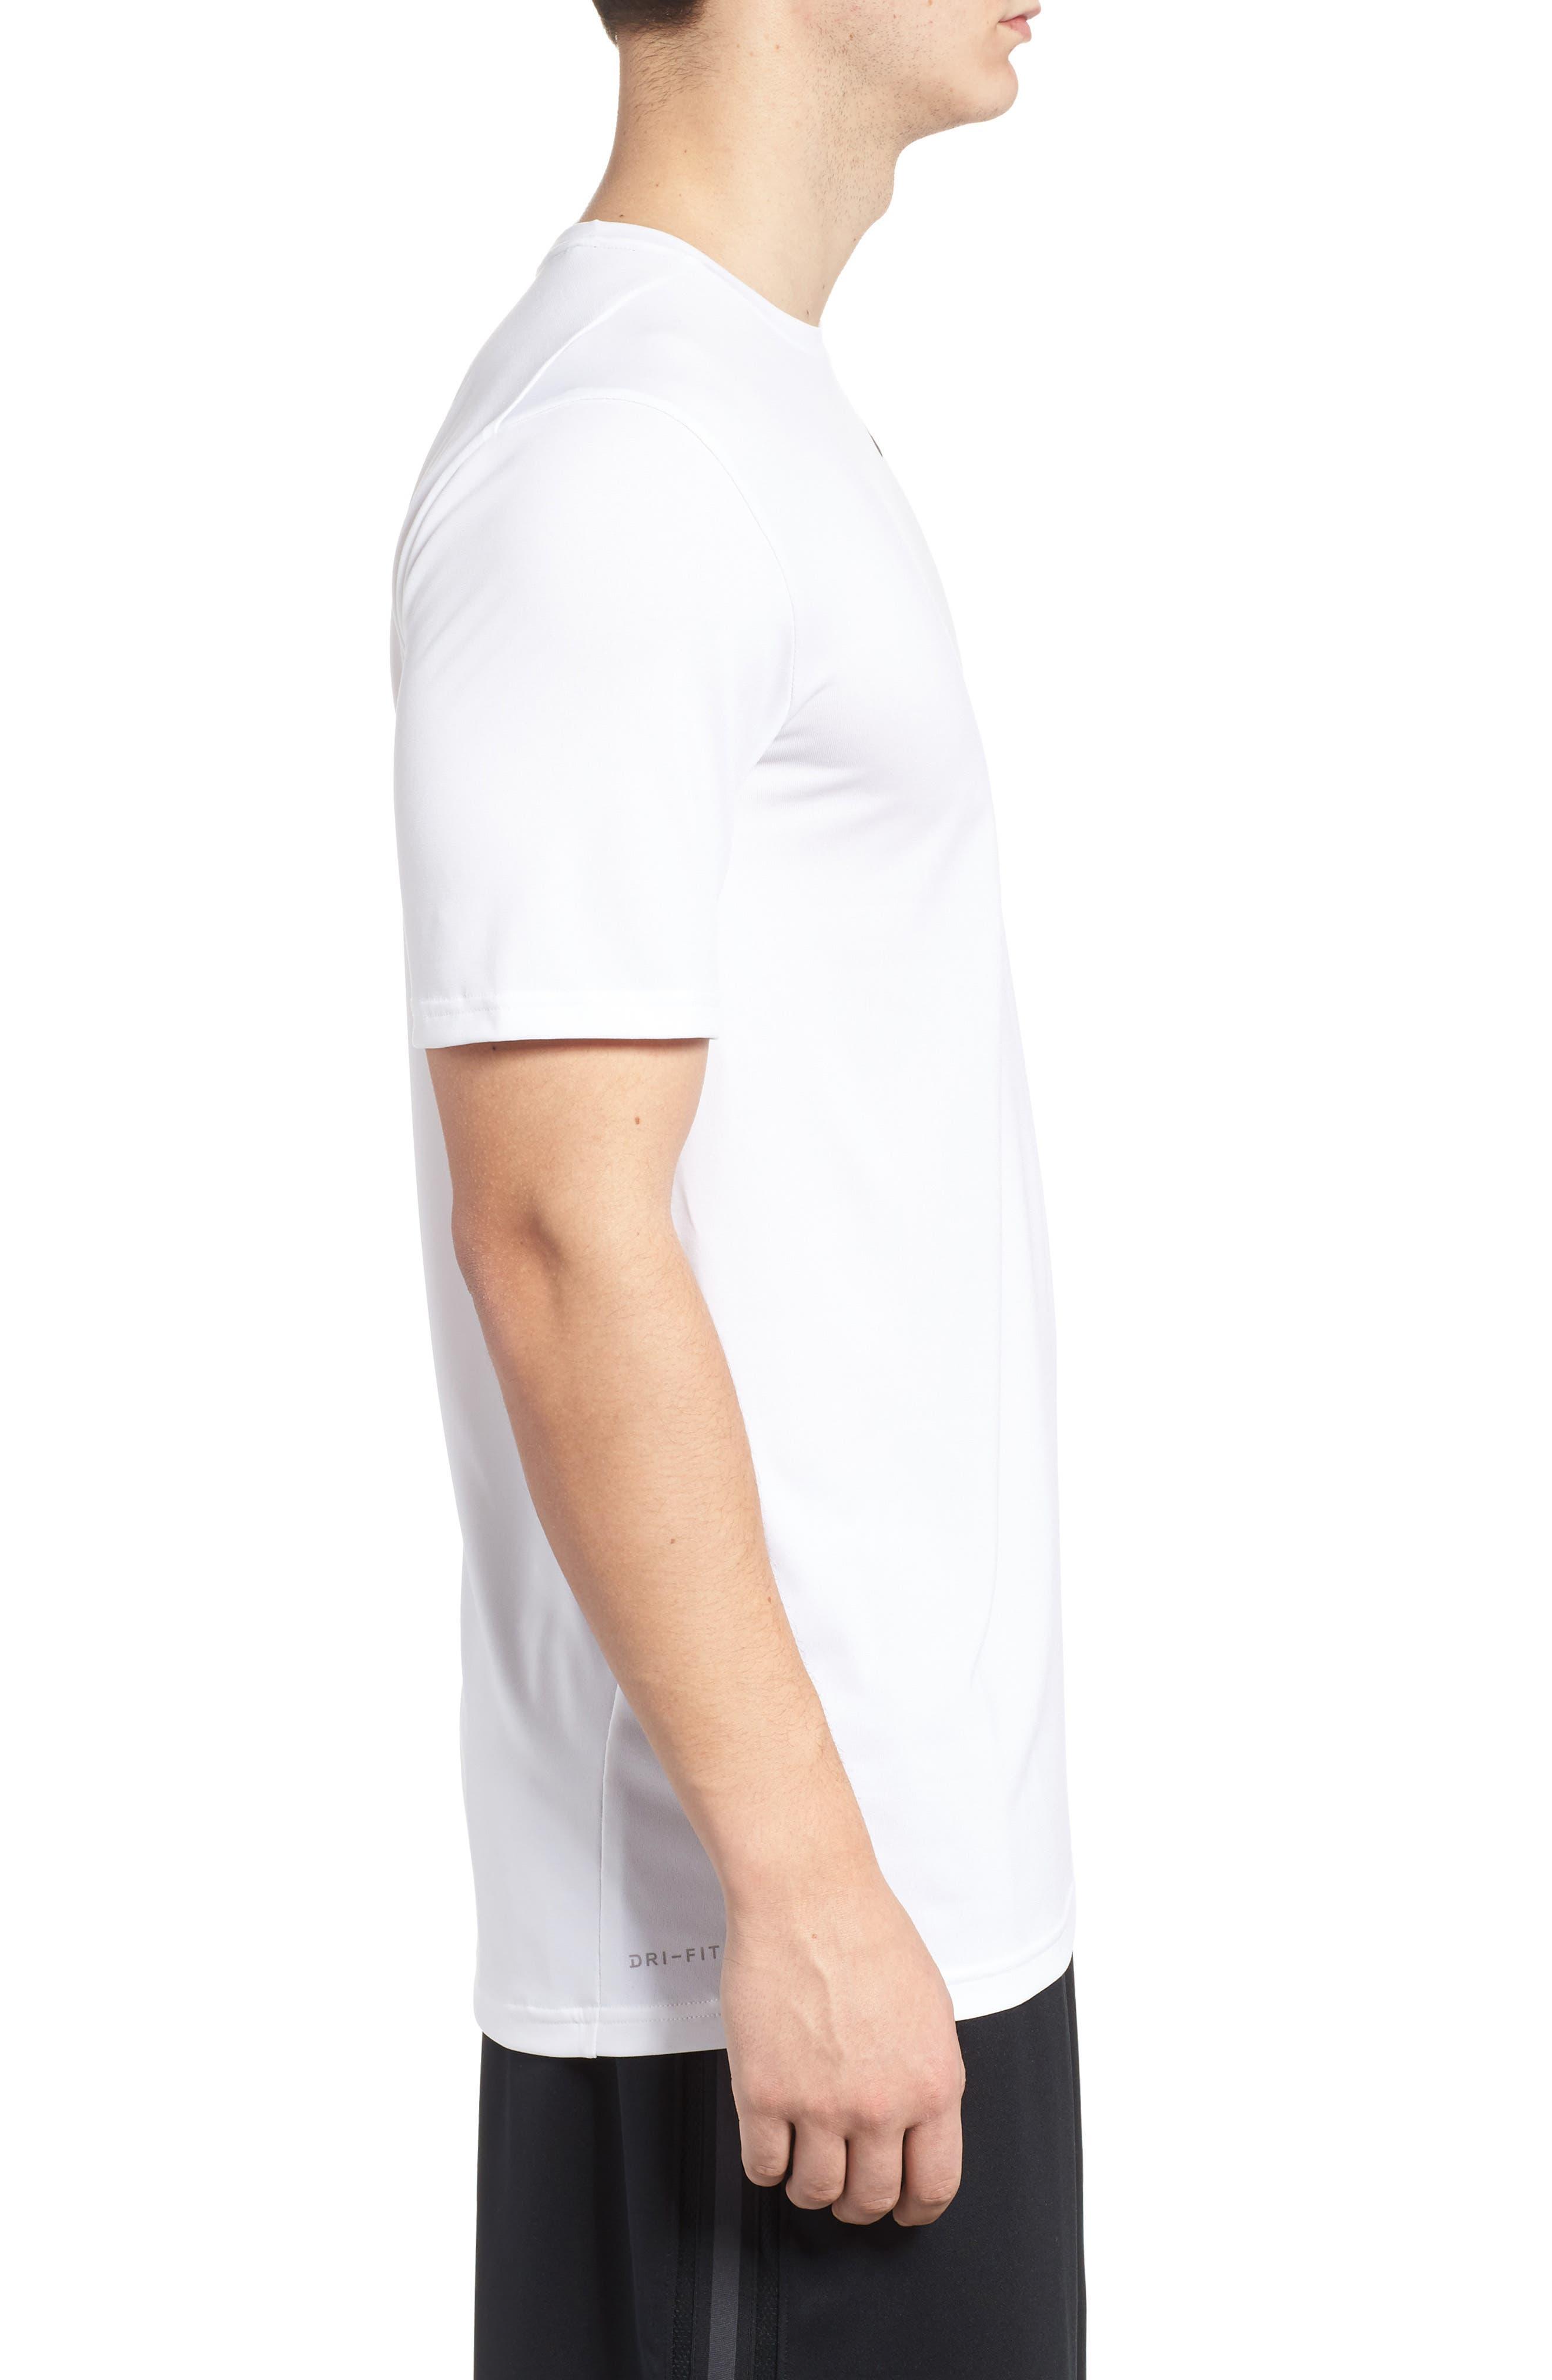 Hyper Dry Training T-Shirt,                             Alternate thumbnail 3, color,                             WHITE/ WHITE/ BLACK